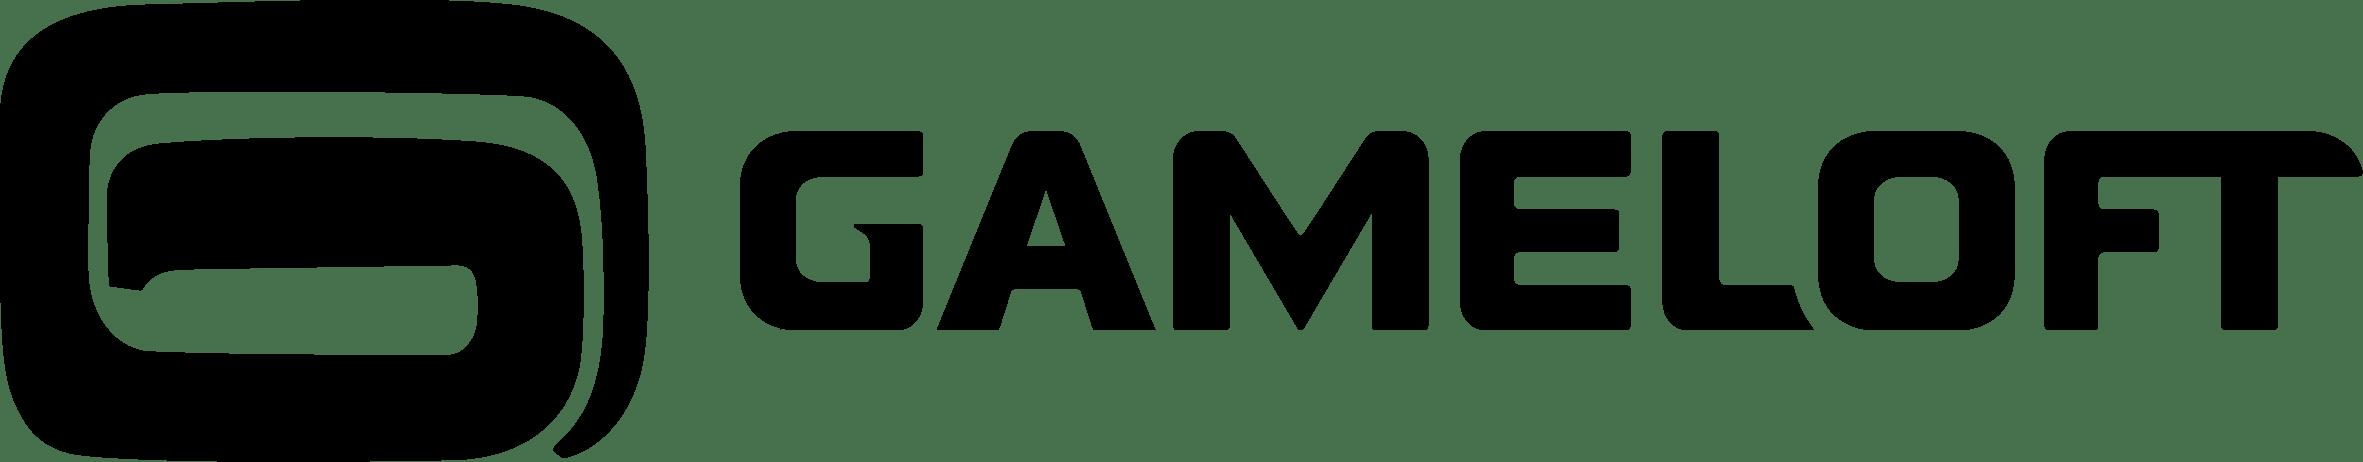 Gameloft logosu